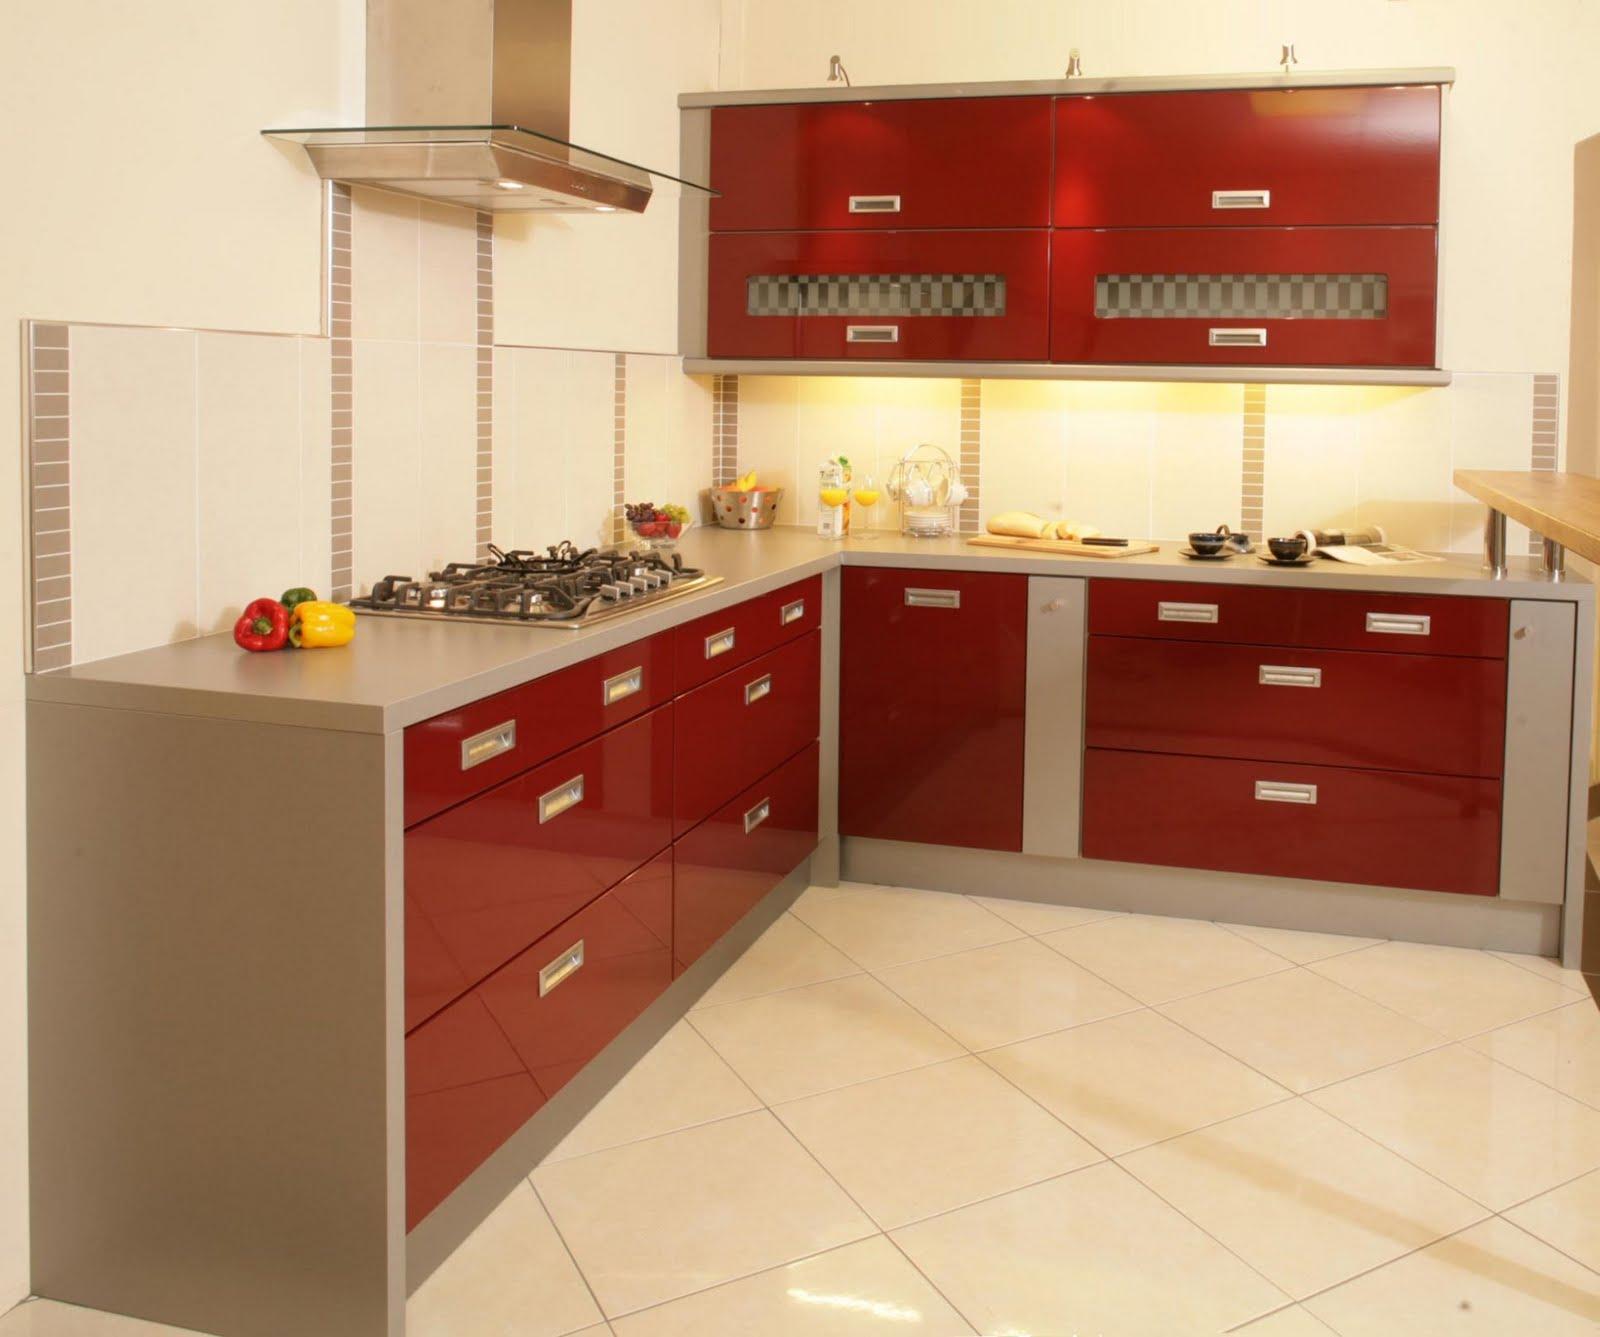 kitchen-cabinets-kitchen-decorating-ideas